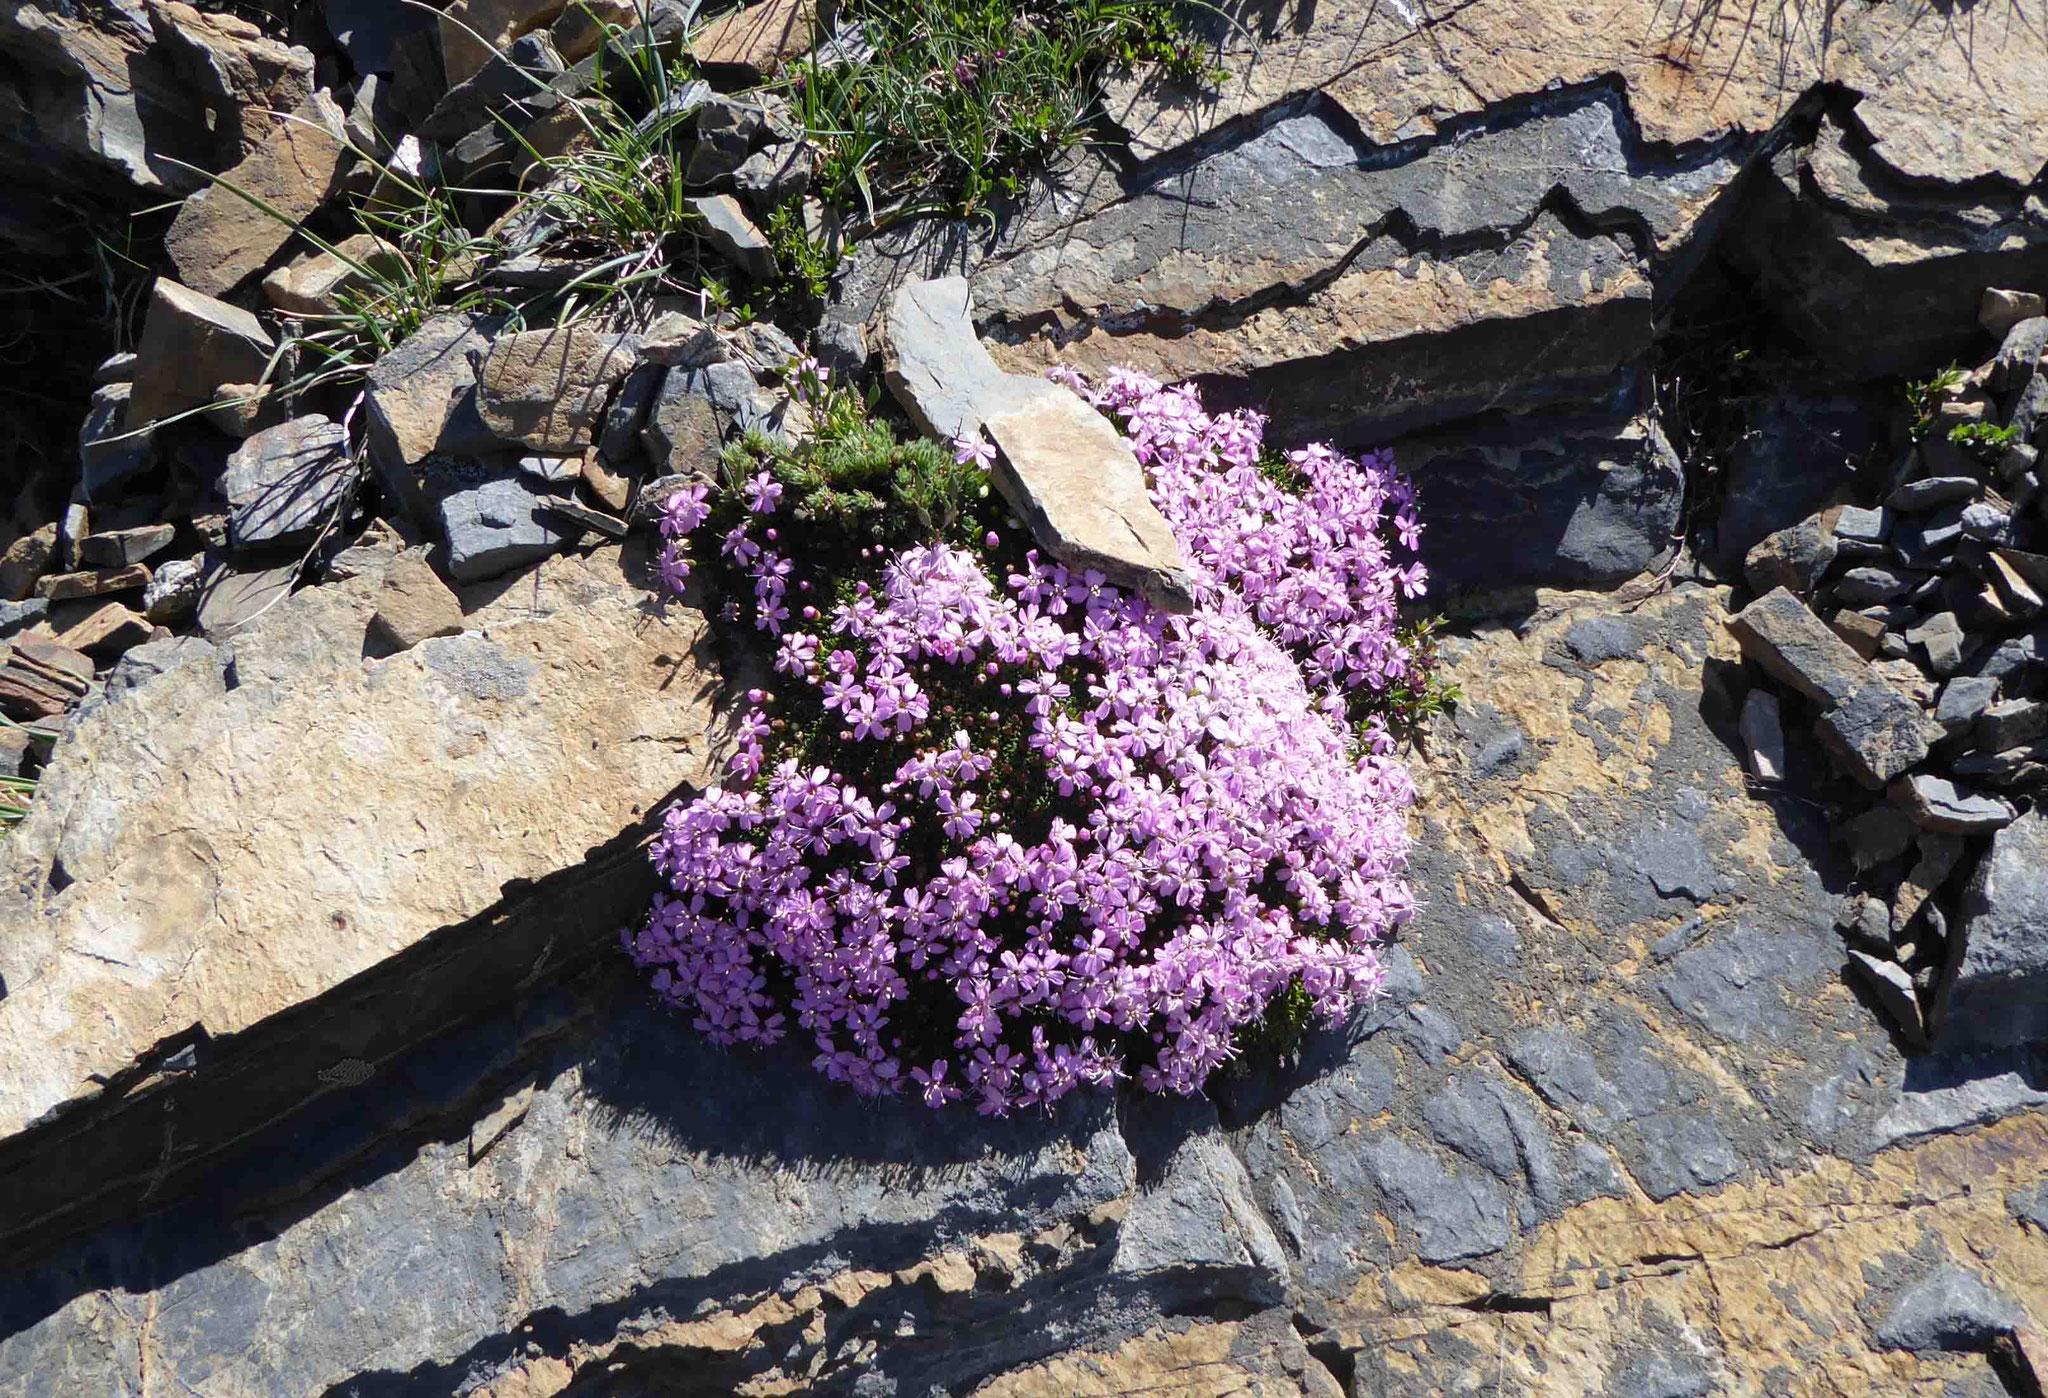 La flore est toujours bien présente, même en altitude